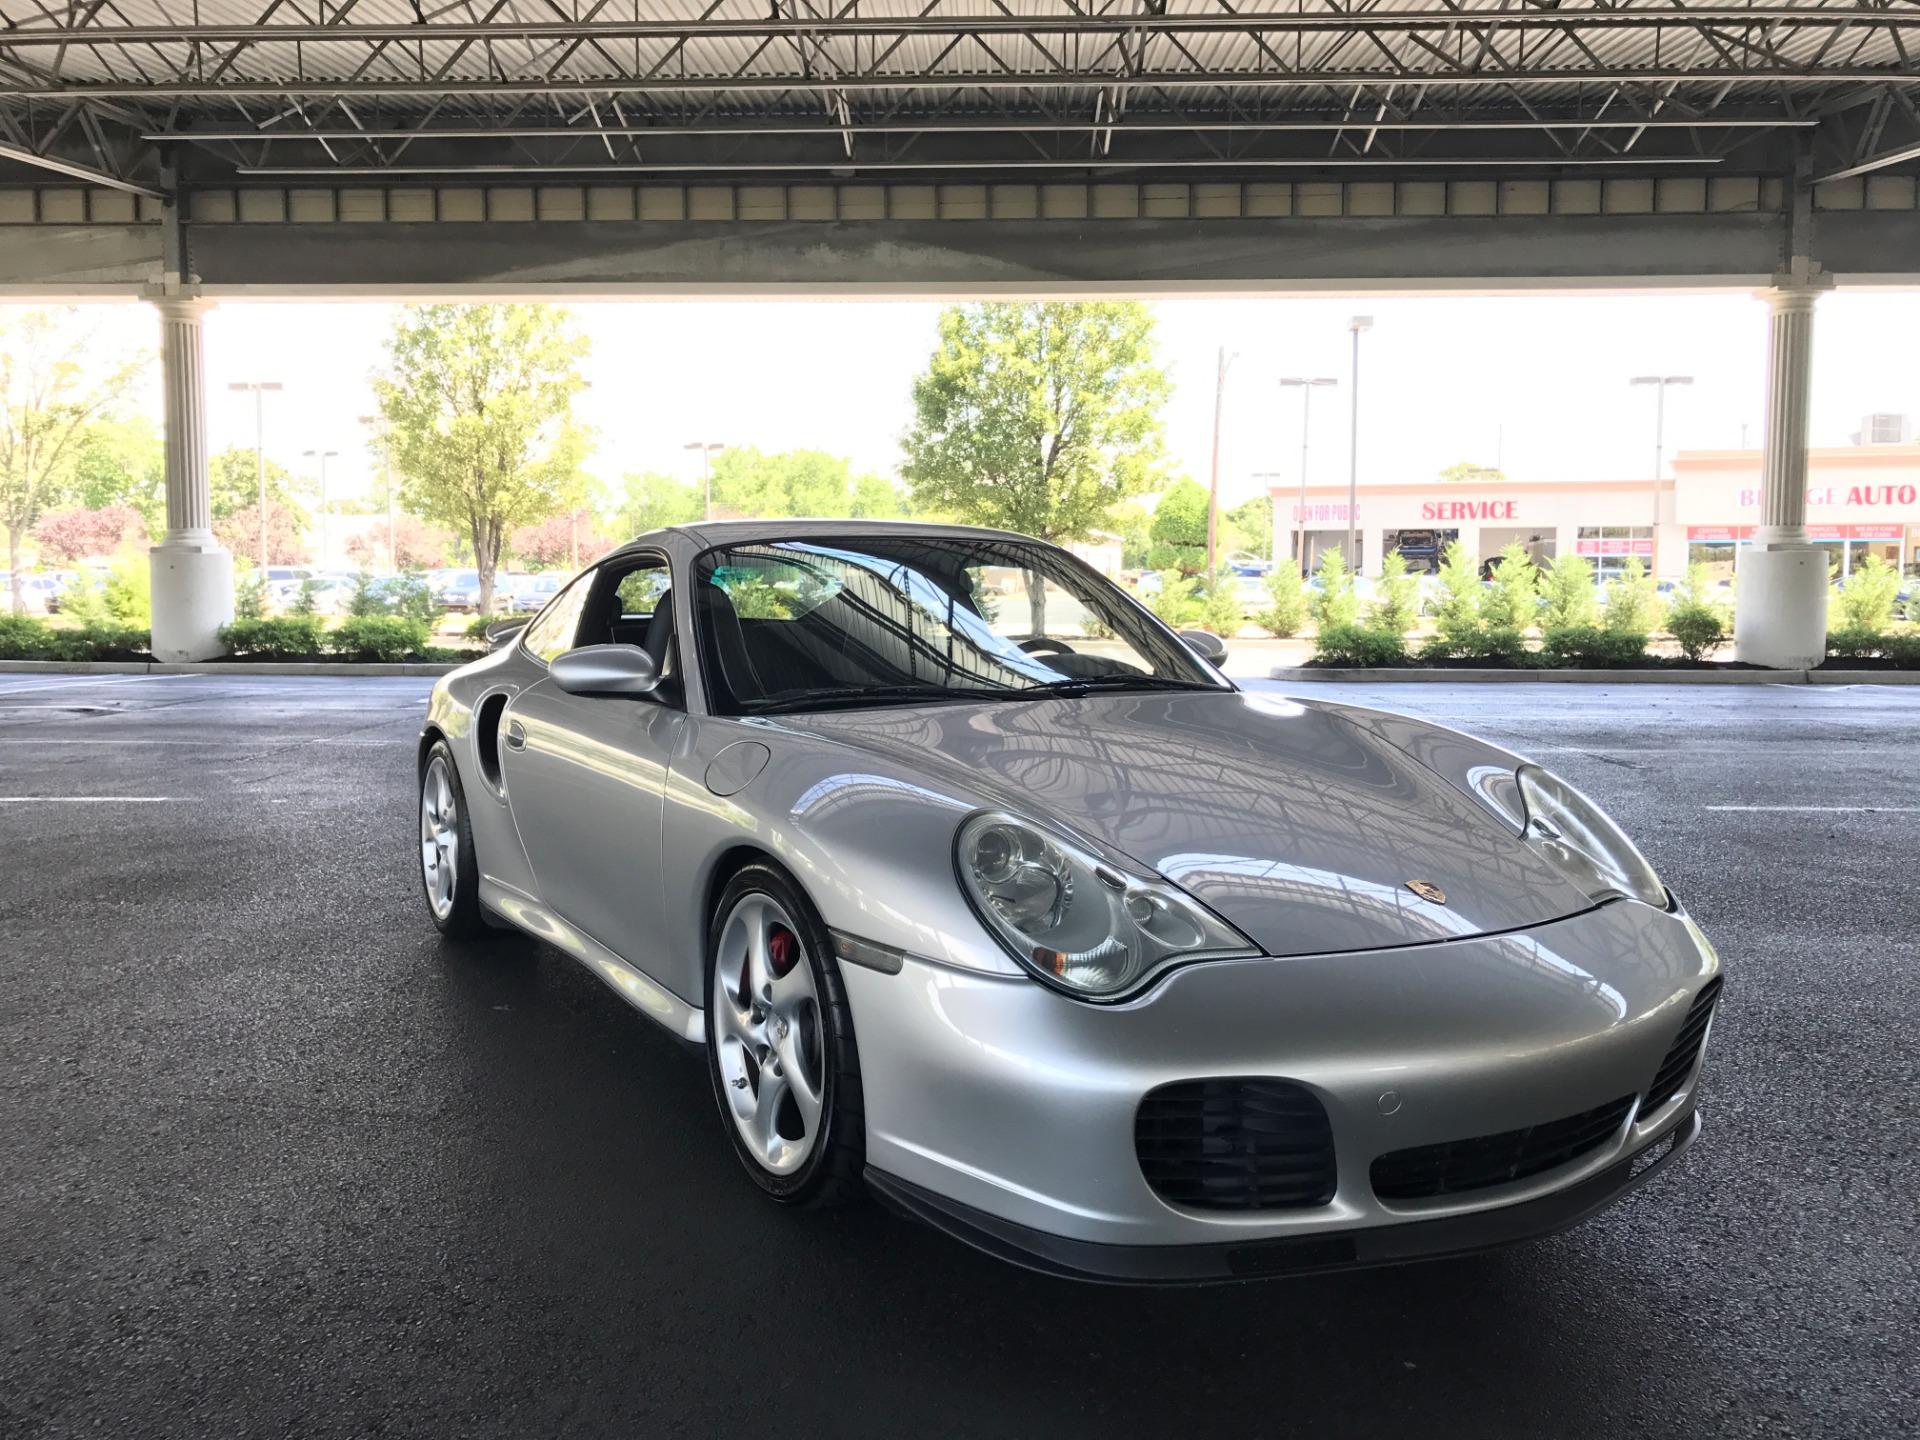 Used 2001 Porsche 996 Turbo Turbo